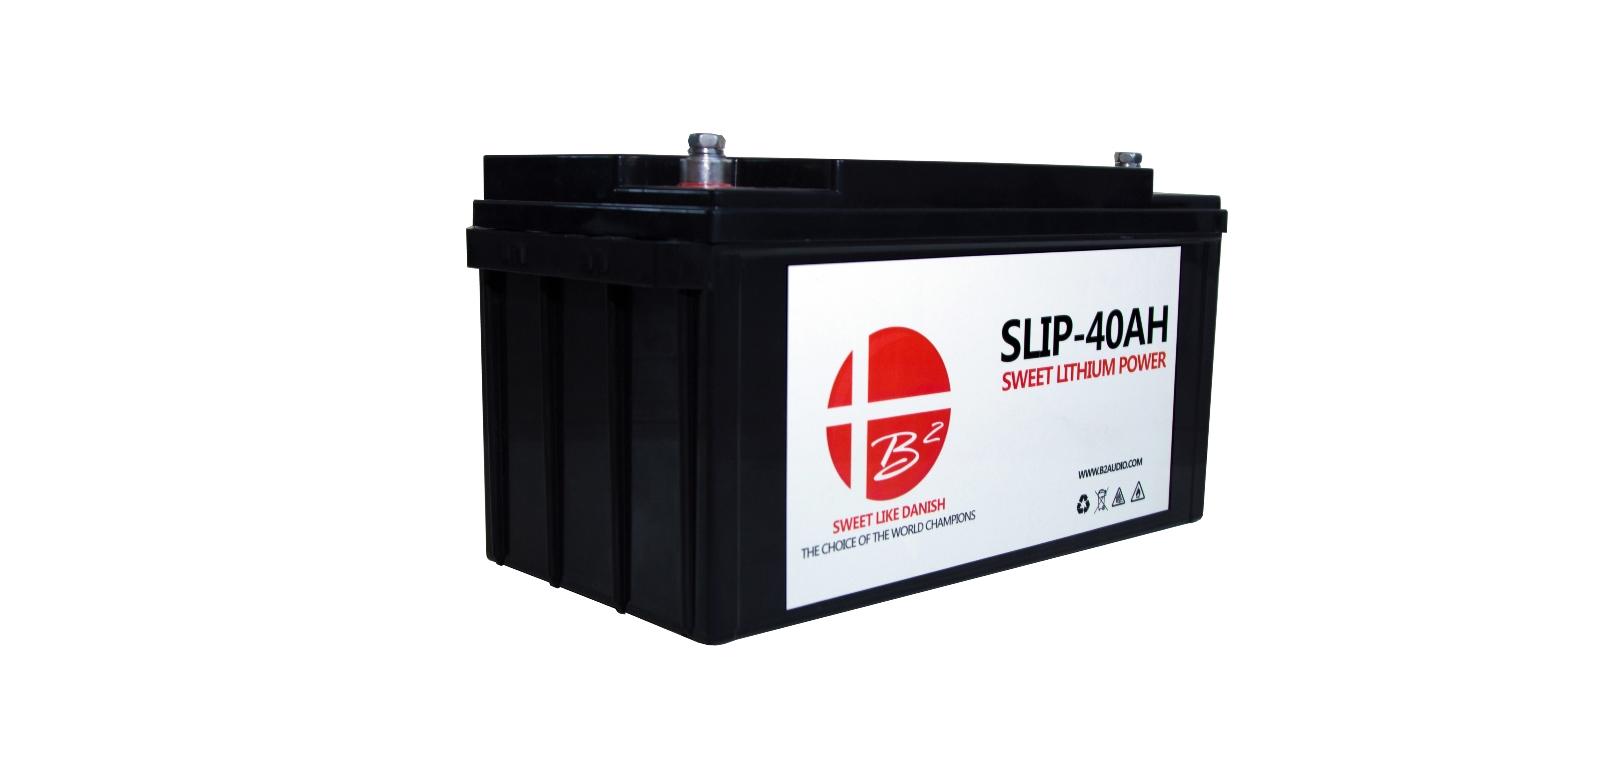 SLIP40 lithium